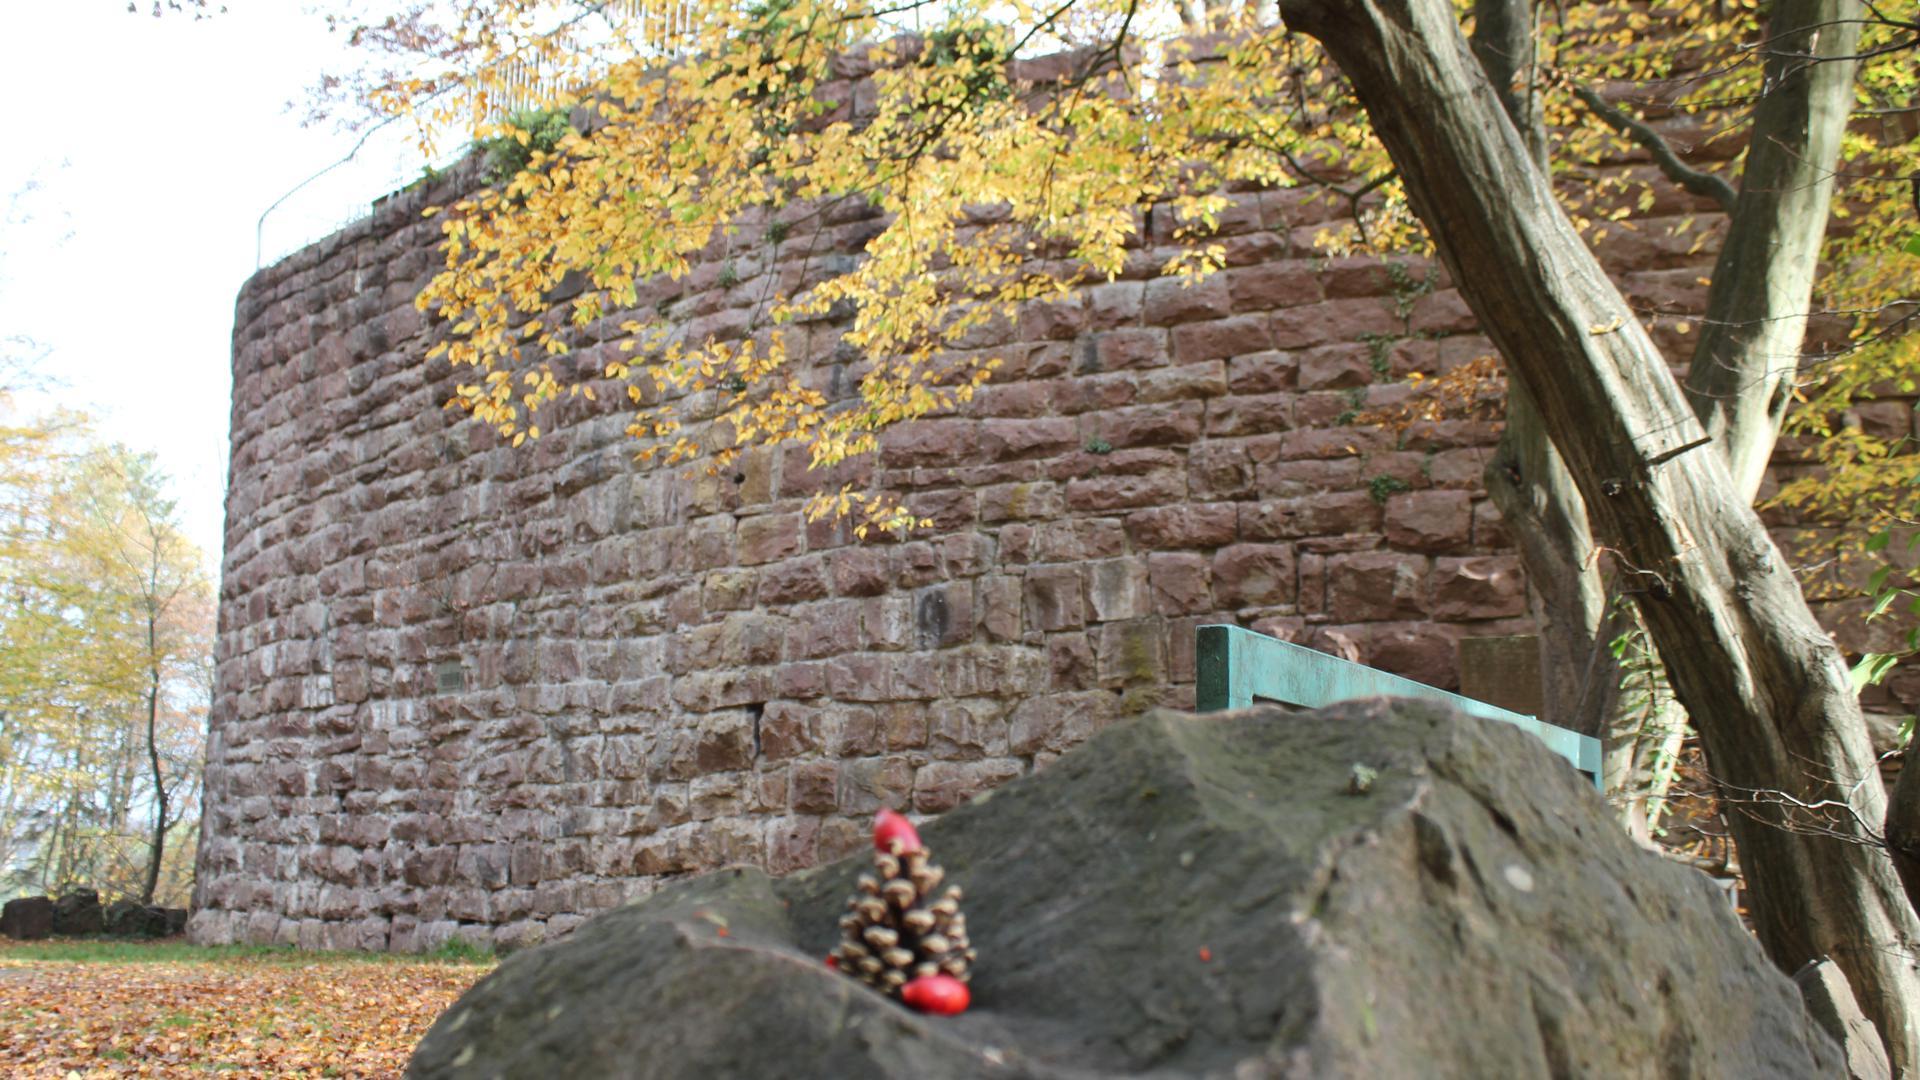 Mittelalterliche Wehranlage: Die Kräheneck in Dillweißenstein ist ein nicht vollendeter Verteidigungsbau für die unterhalb gelegene Burg Rabeneck. 1928 wurden die ersten Burgfestspiele hier veranstaltet.